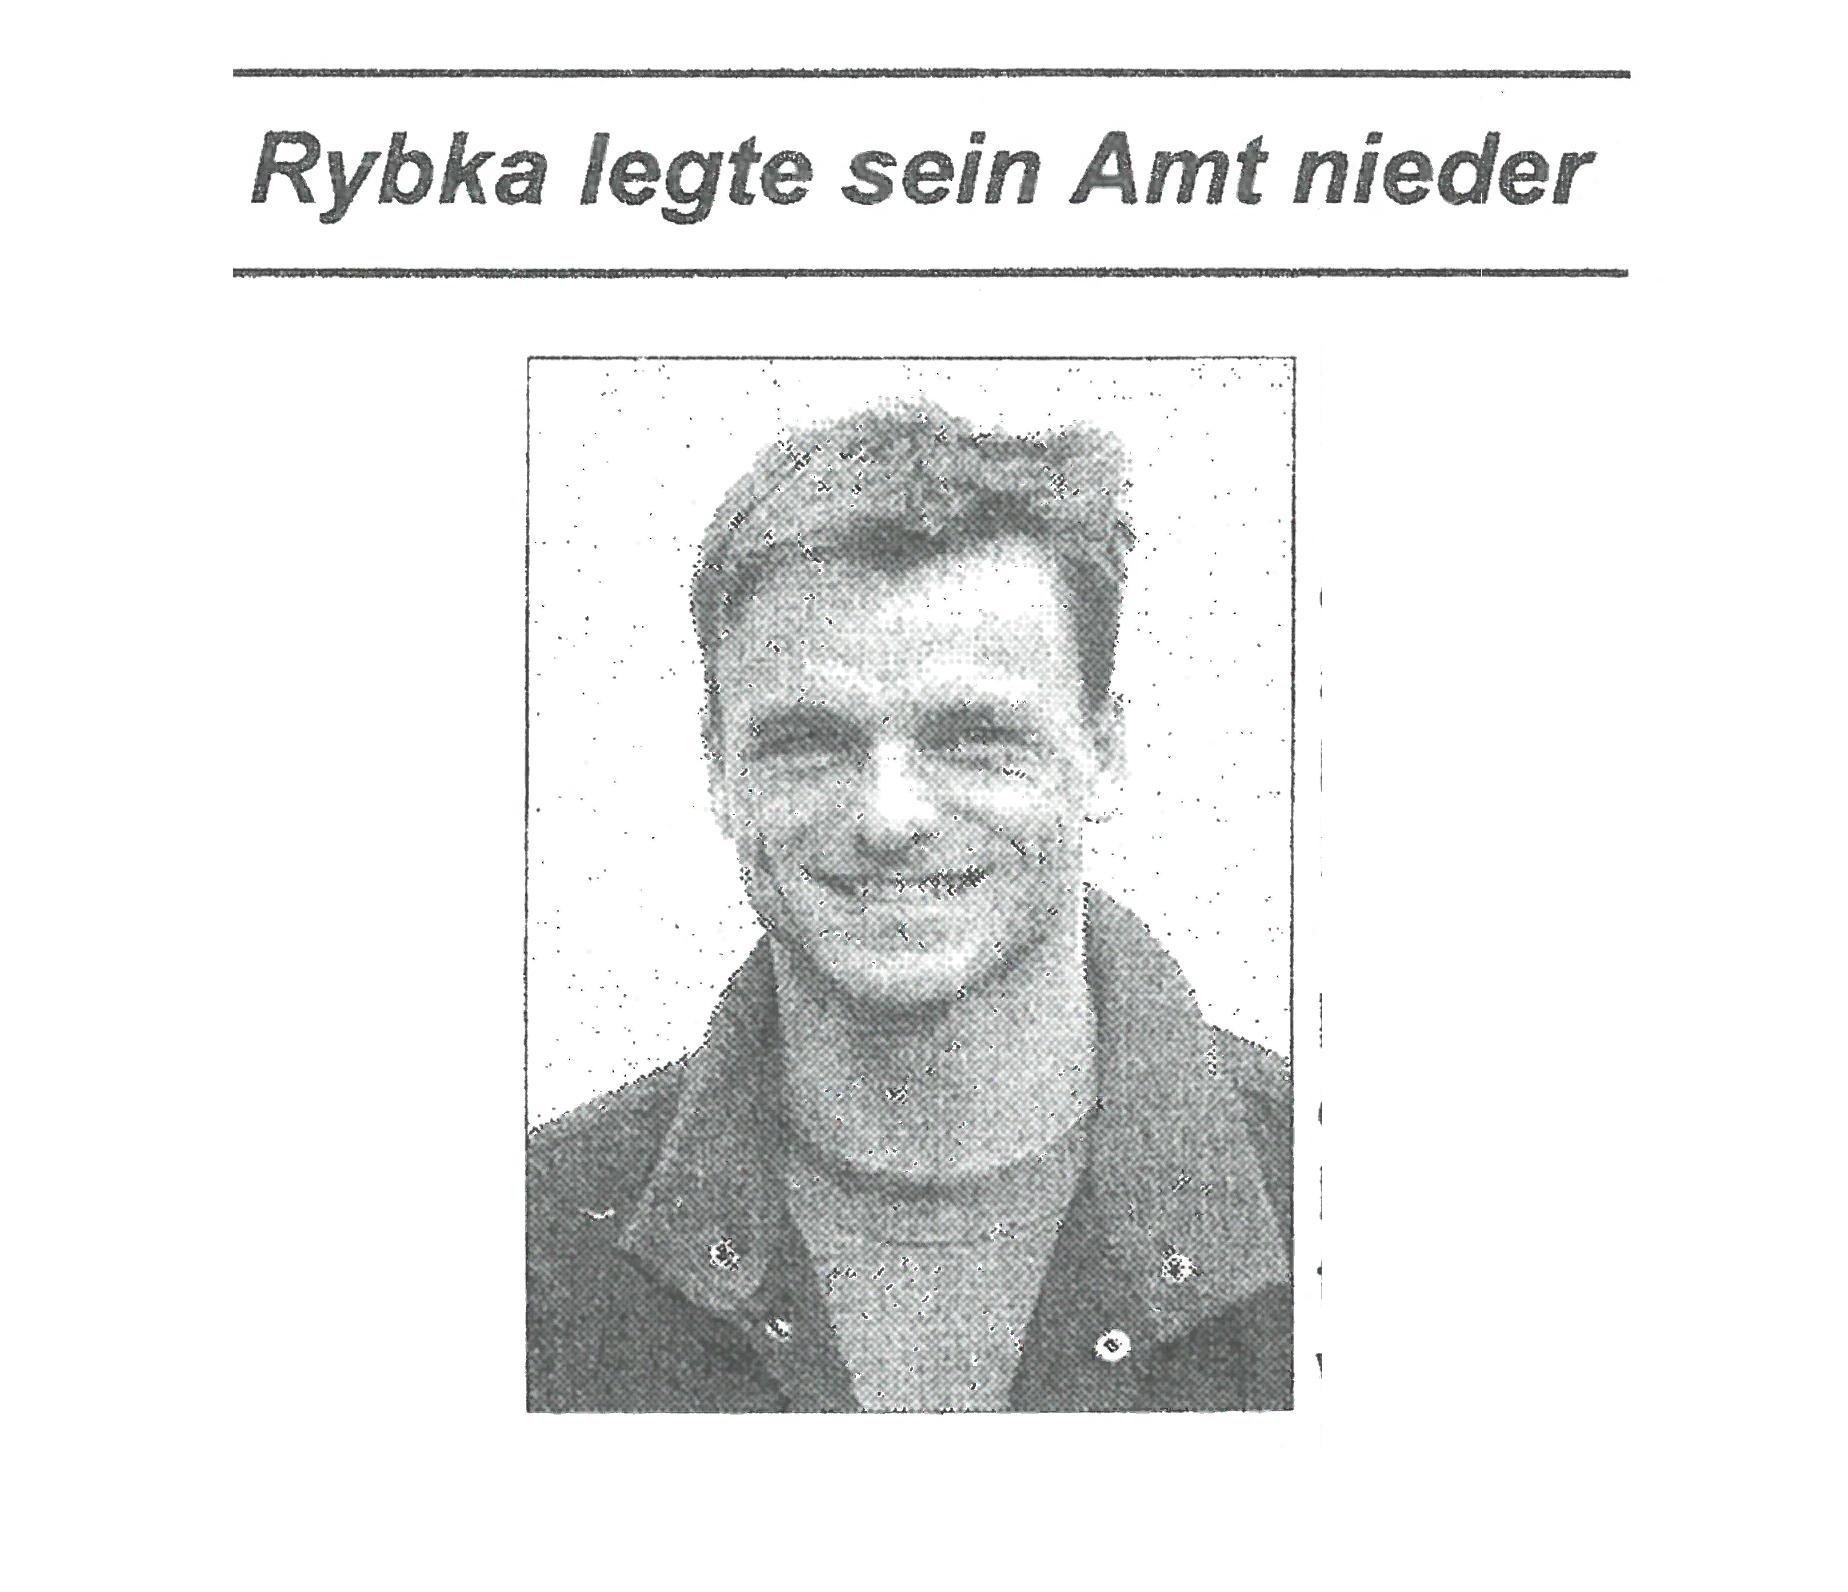 Bild von DAMALS: Rybka legte sein Amt nieder